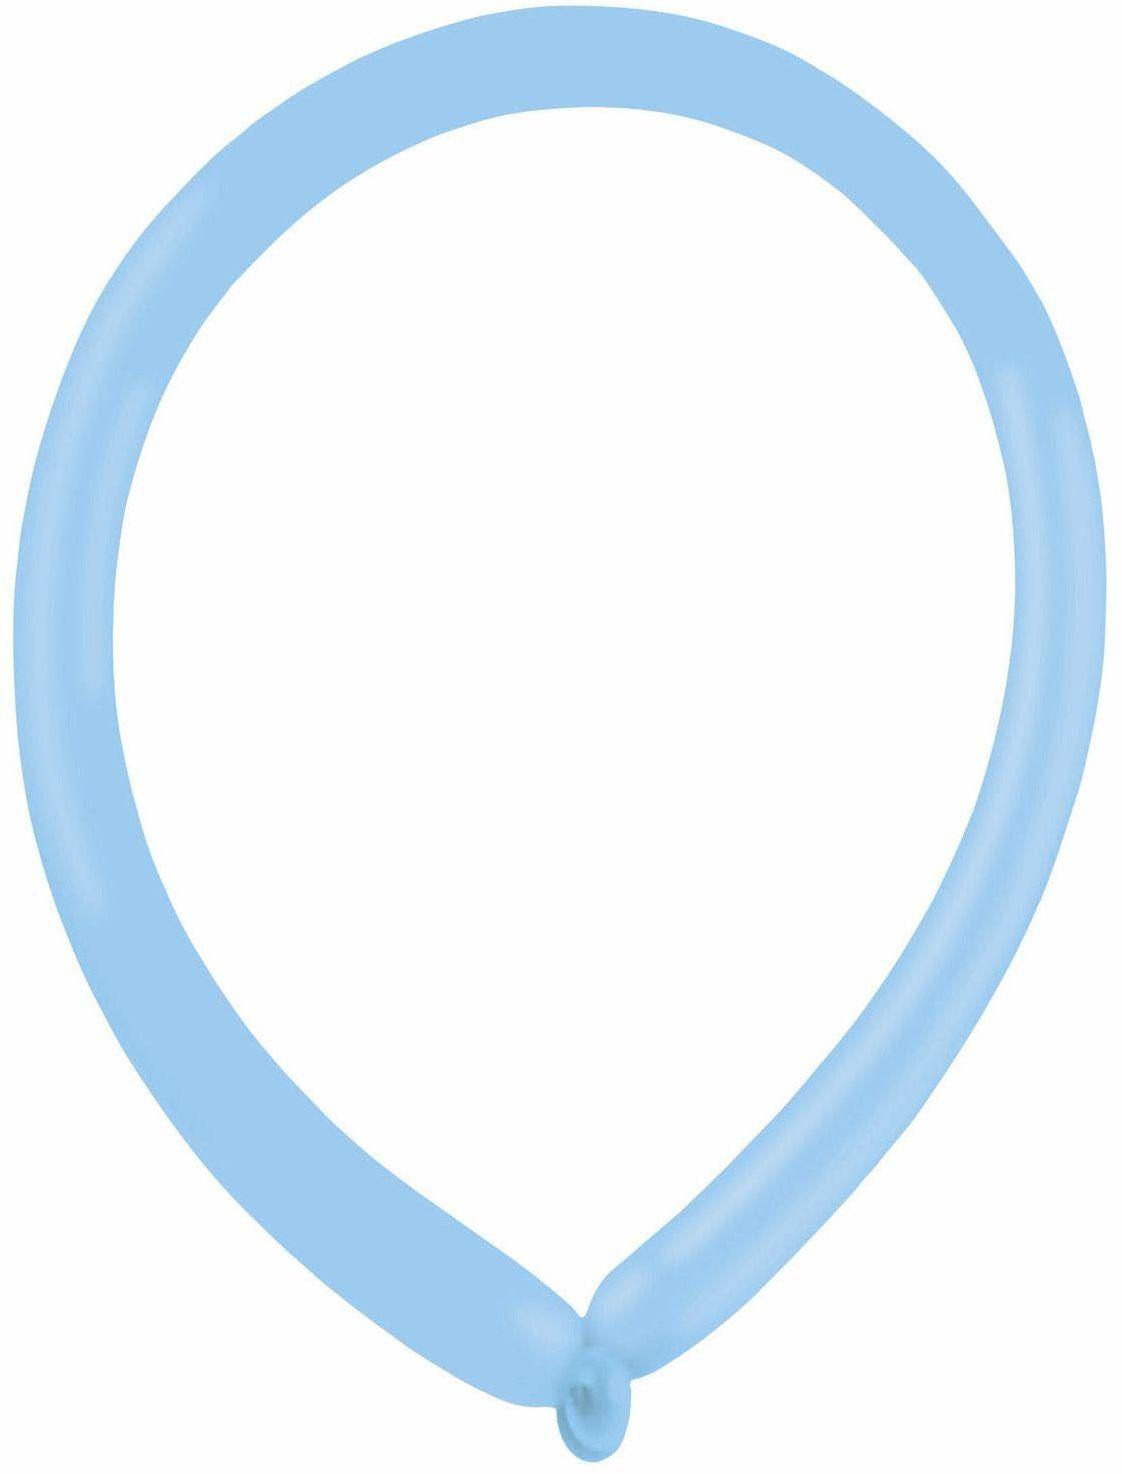 amscan 9905505 100 balony lateksowe do modelowania standard E160, pastelowy niebieski